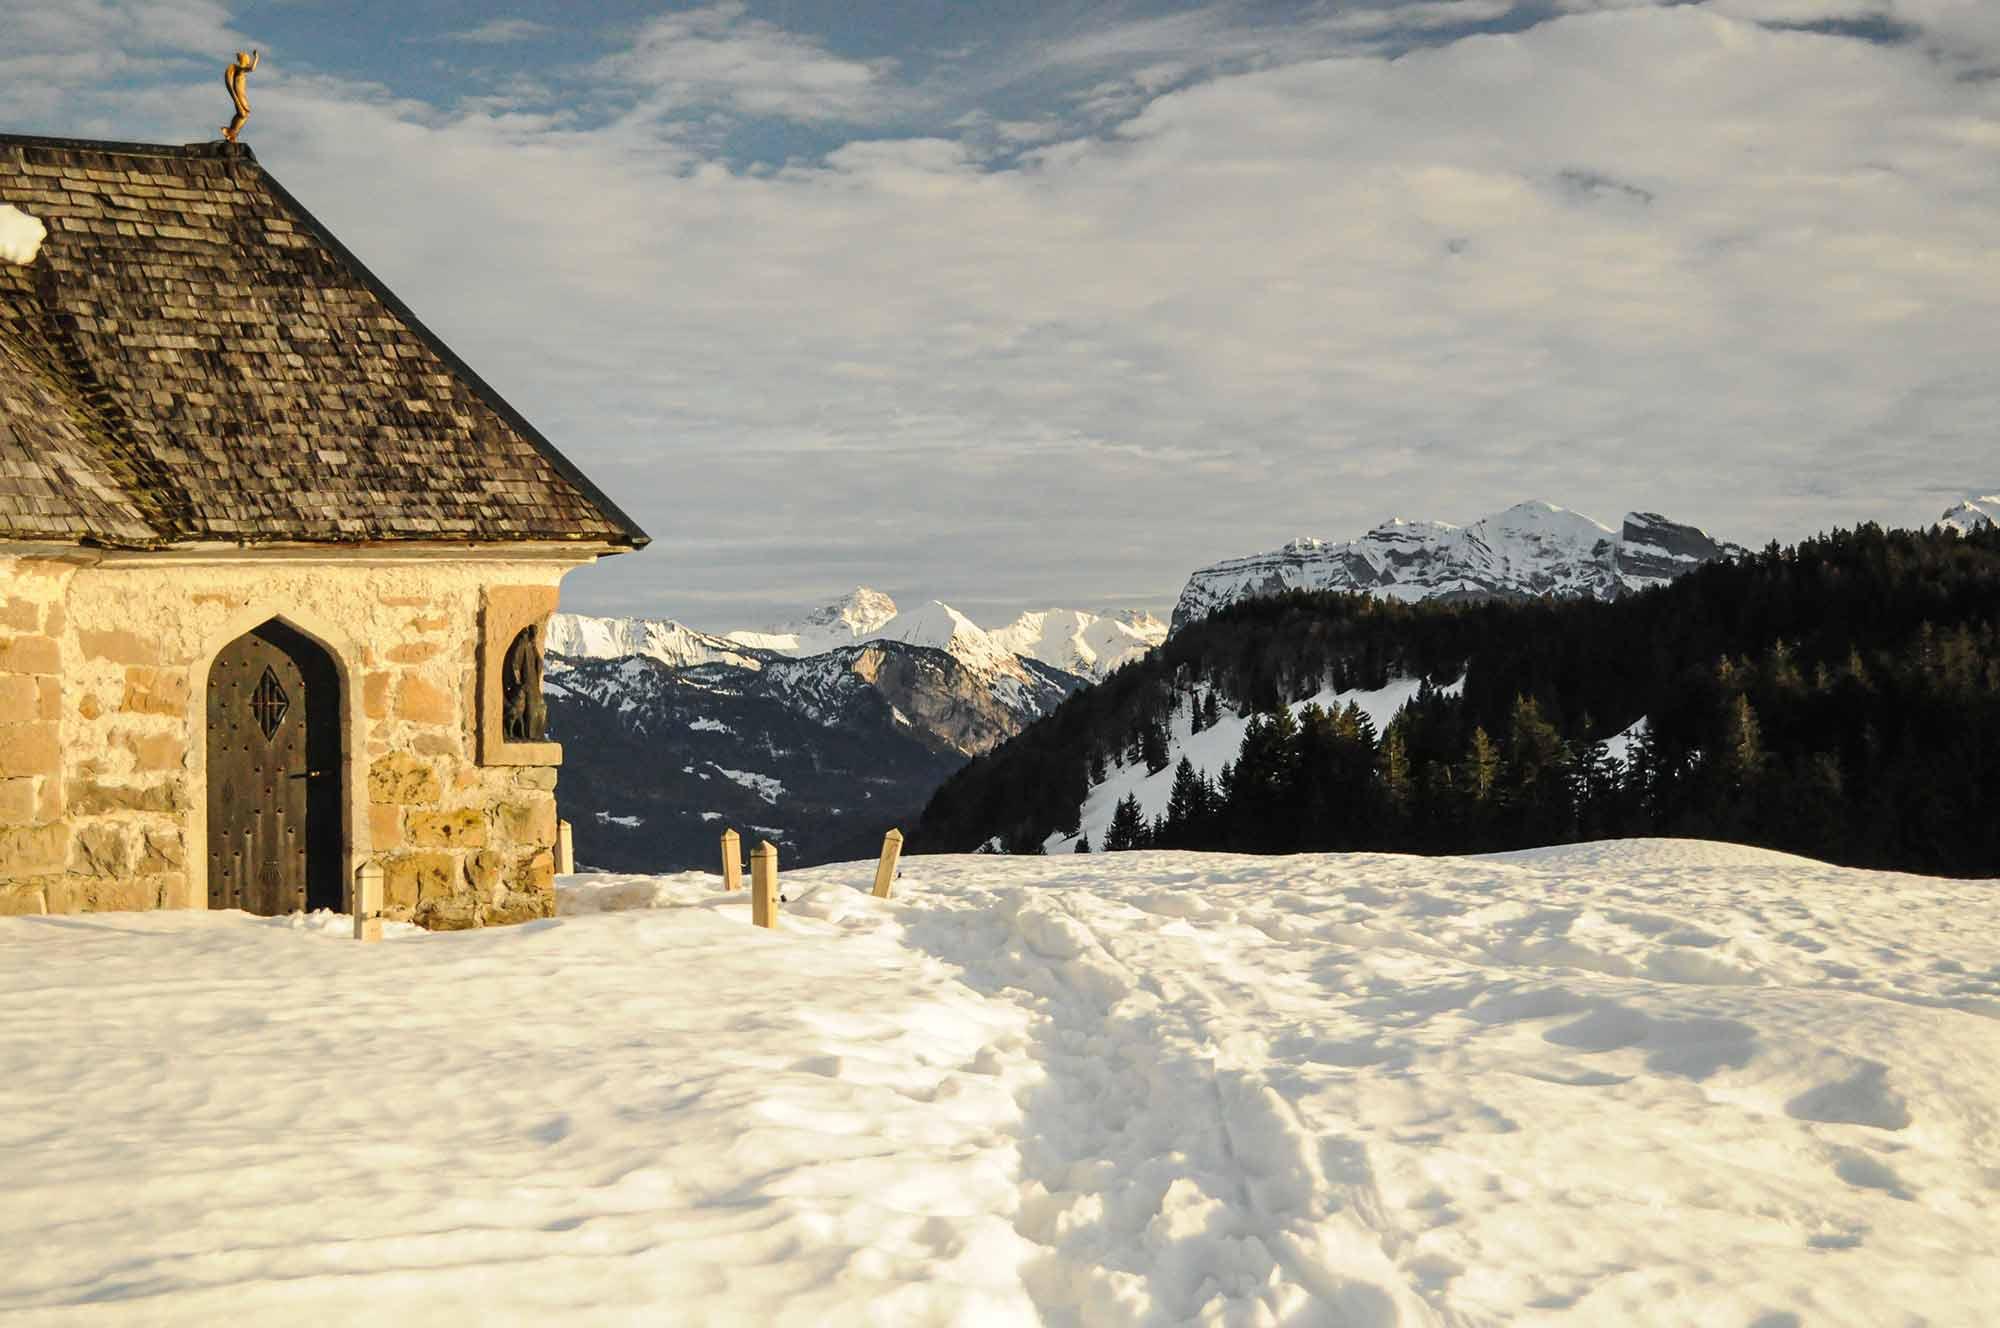 Im Bild ist eine Berglandschaft der Alpen im Bundesland Voralberg von Österreich zu sehen